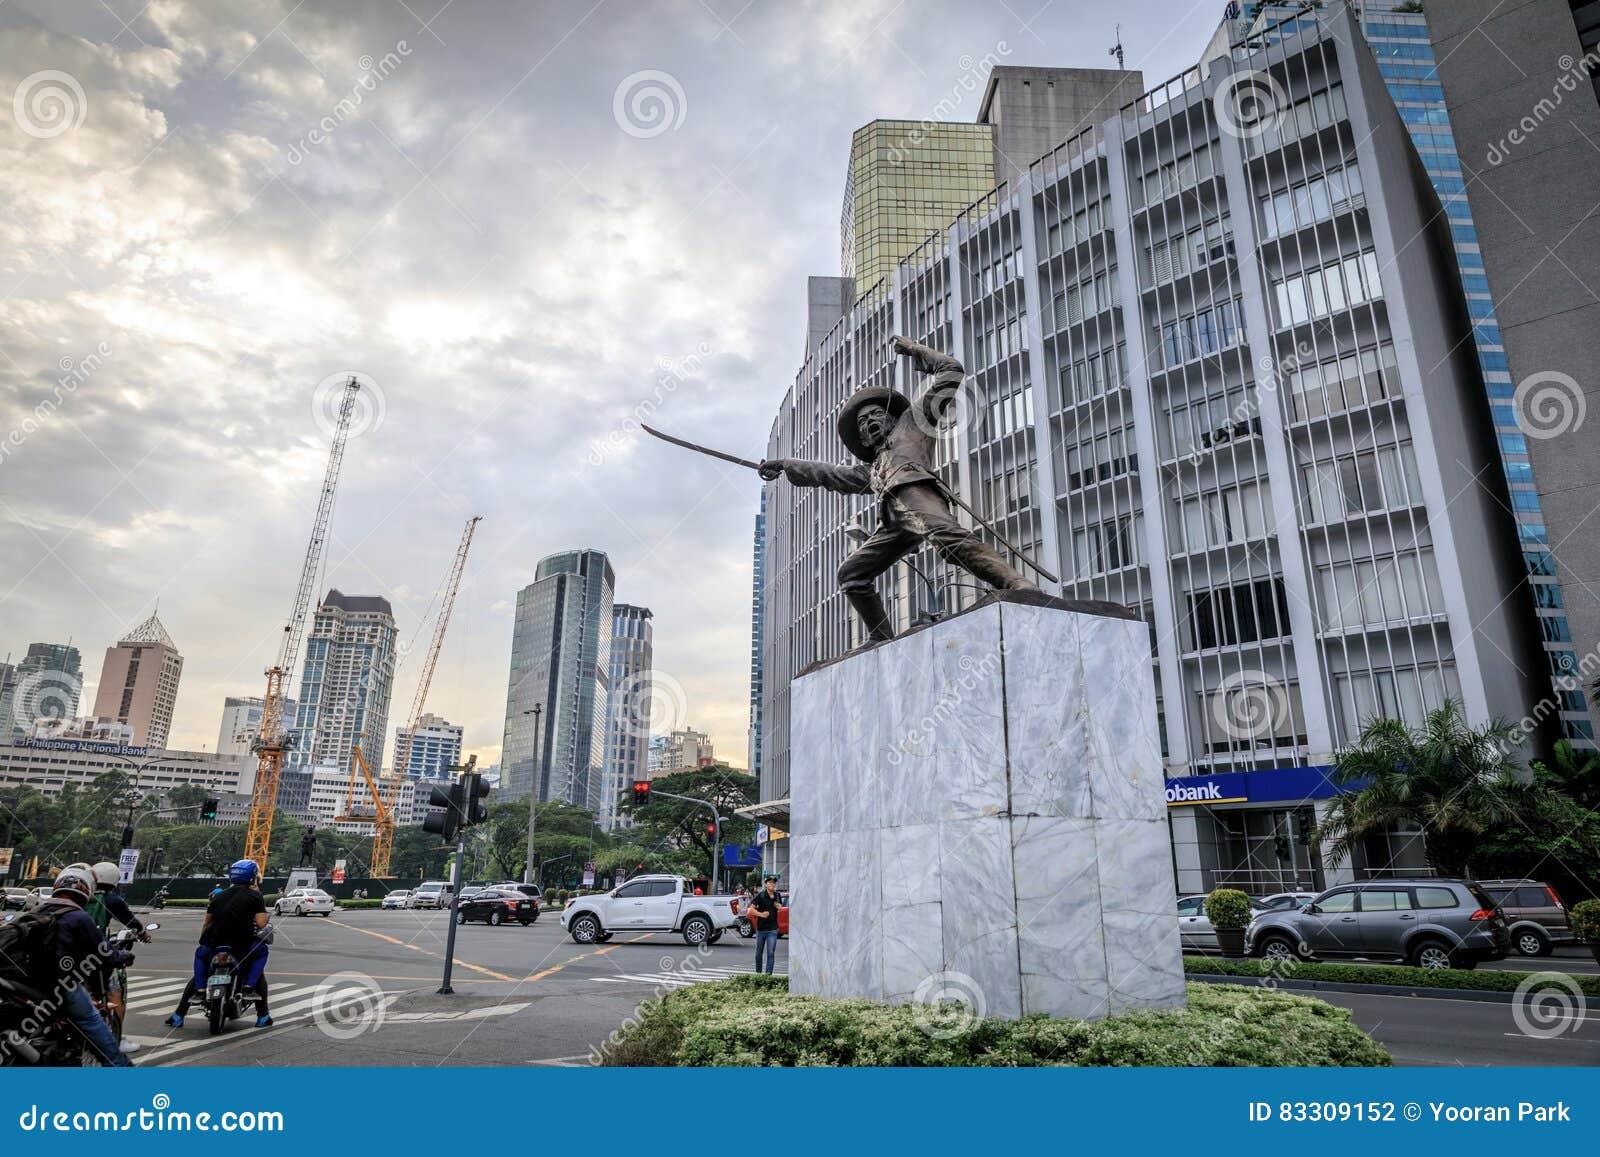 Statue of General Pio Del Pilar at Makati Ave